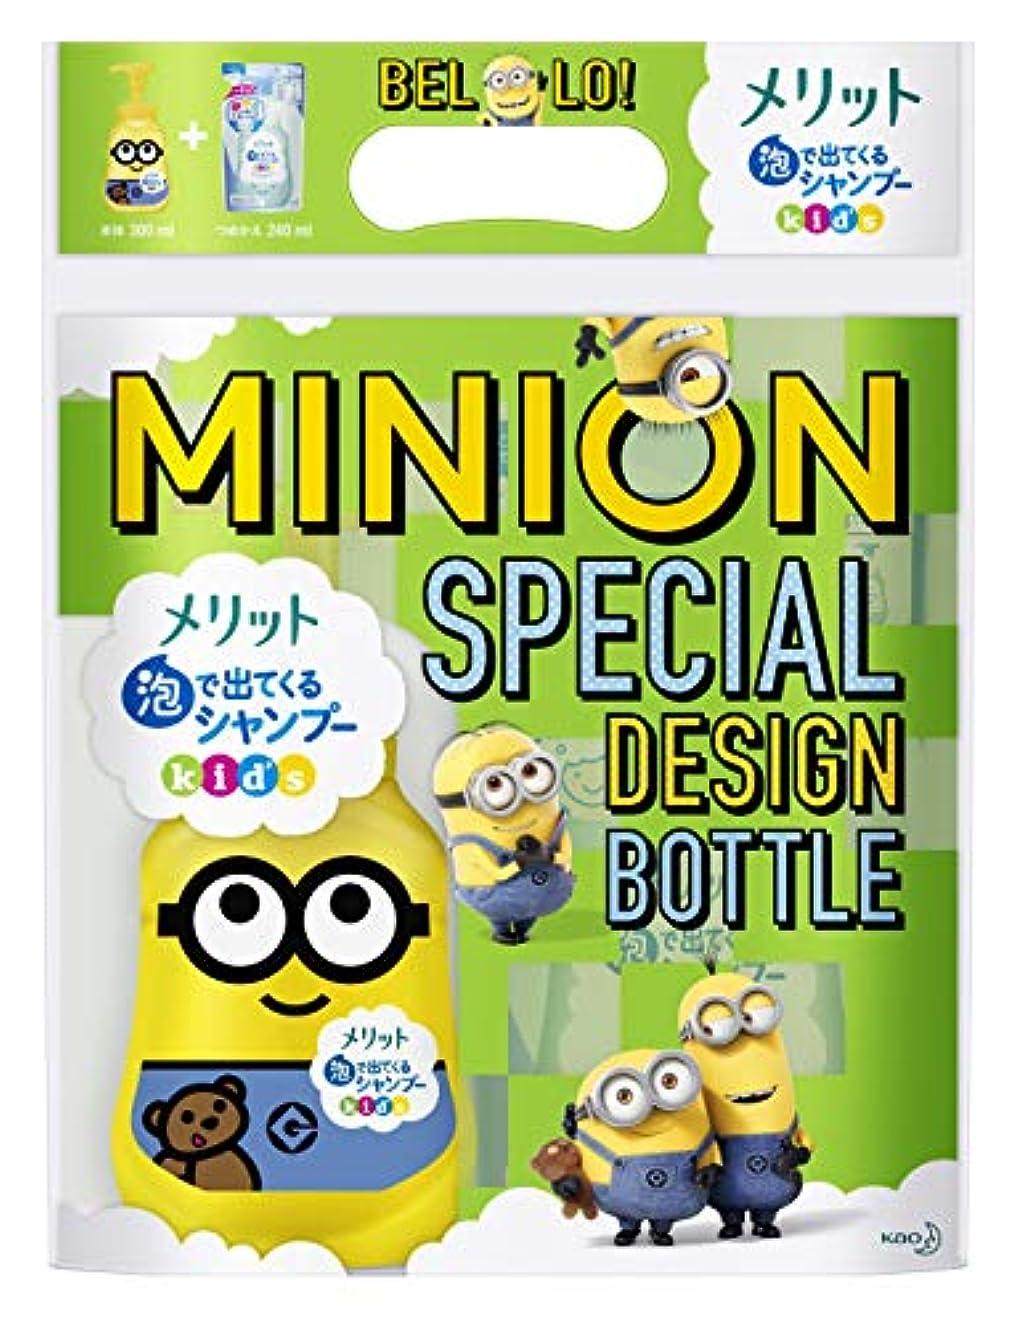 スチュワード神経障害弾力性のあるメリット 泡で出てくるシャンプー キッズ ミニオン スペシャルデザインボトル [ Minion Special Design Bottle ] + つめかえ用セット (デザインボトル300ml+つめかえ用240ml)